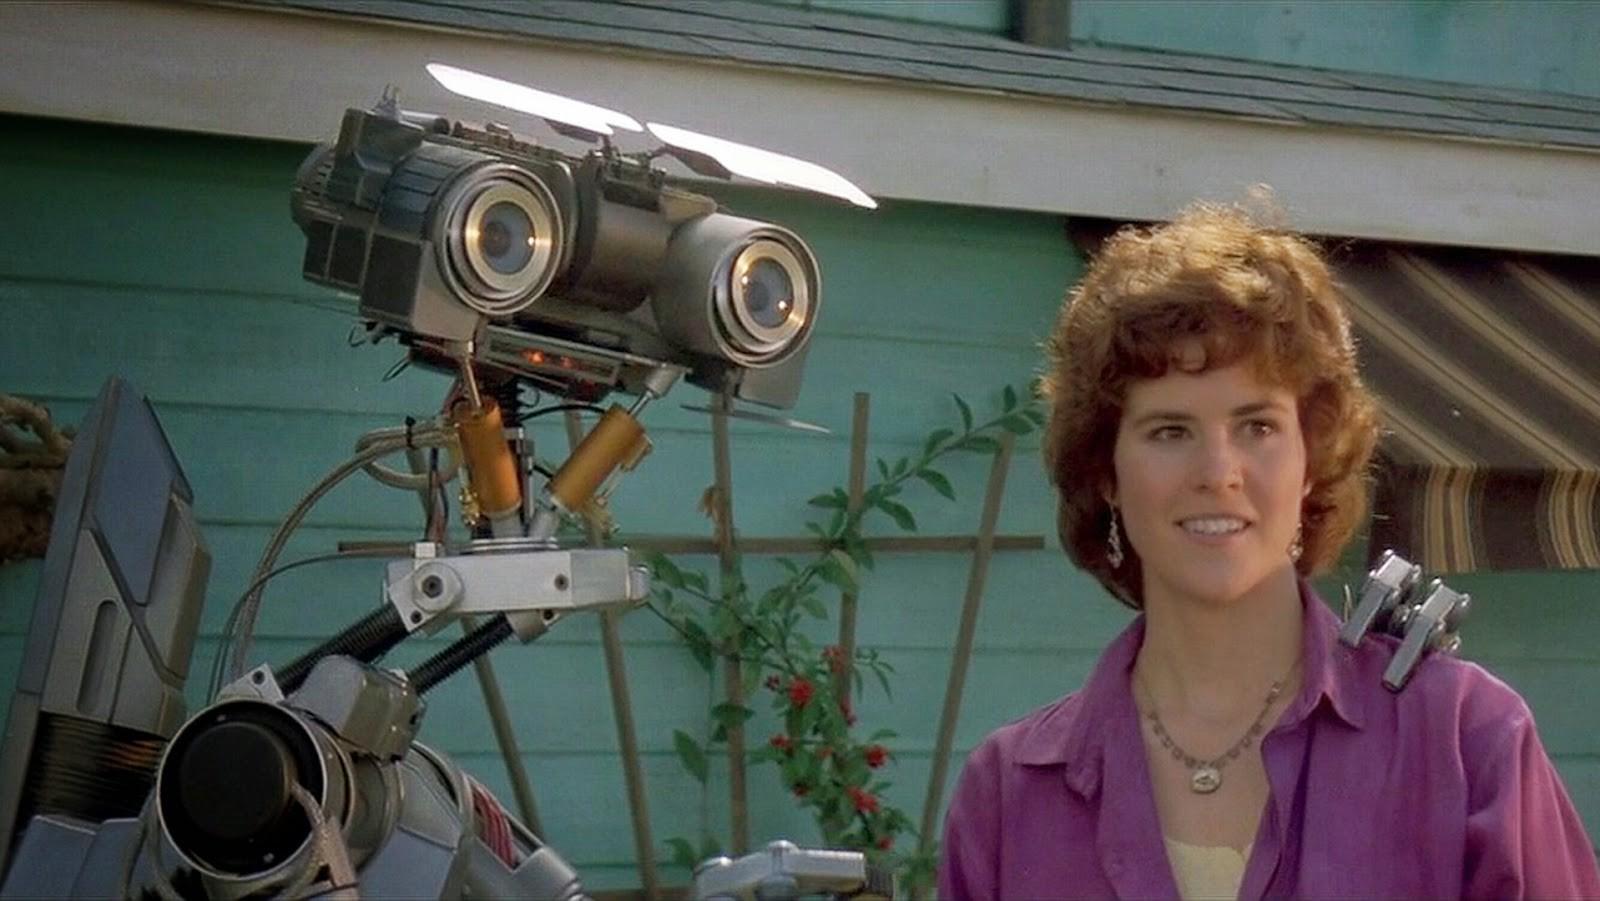 Разряд молнии попадает в робота под номером 5, и он оживает наподобие создания Франкенштейна. Вся шт